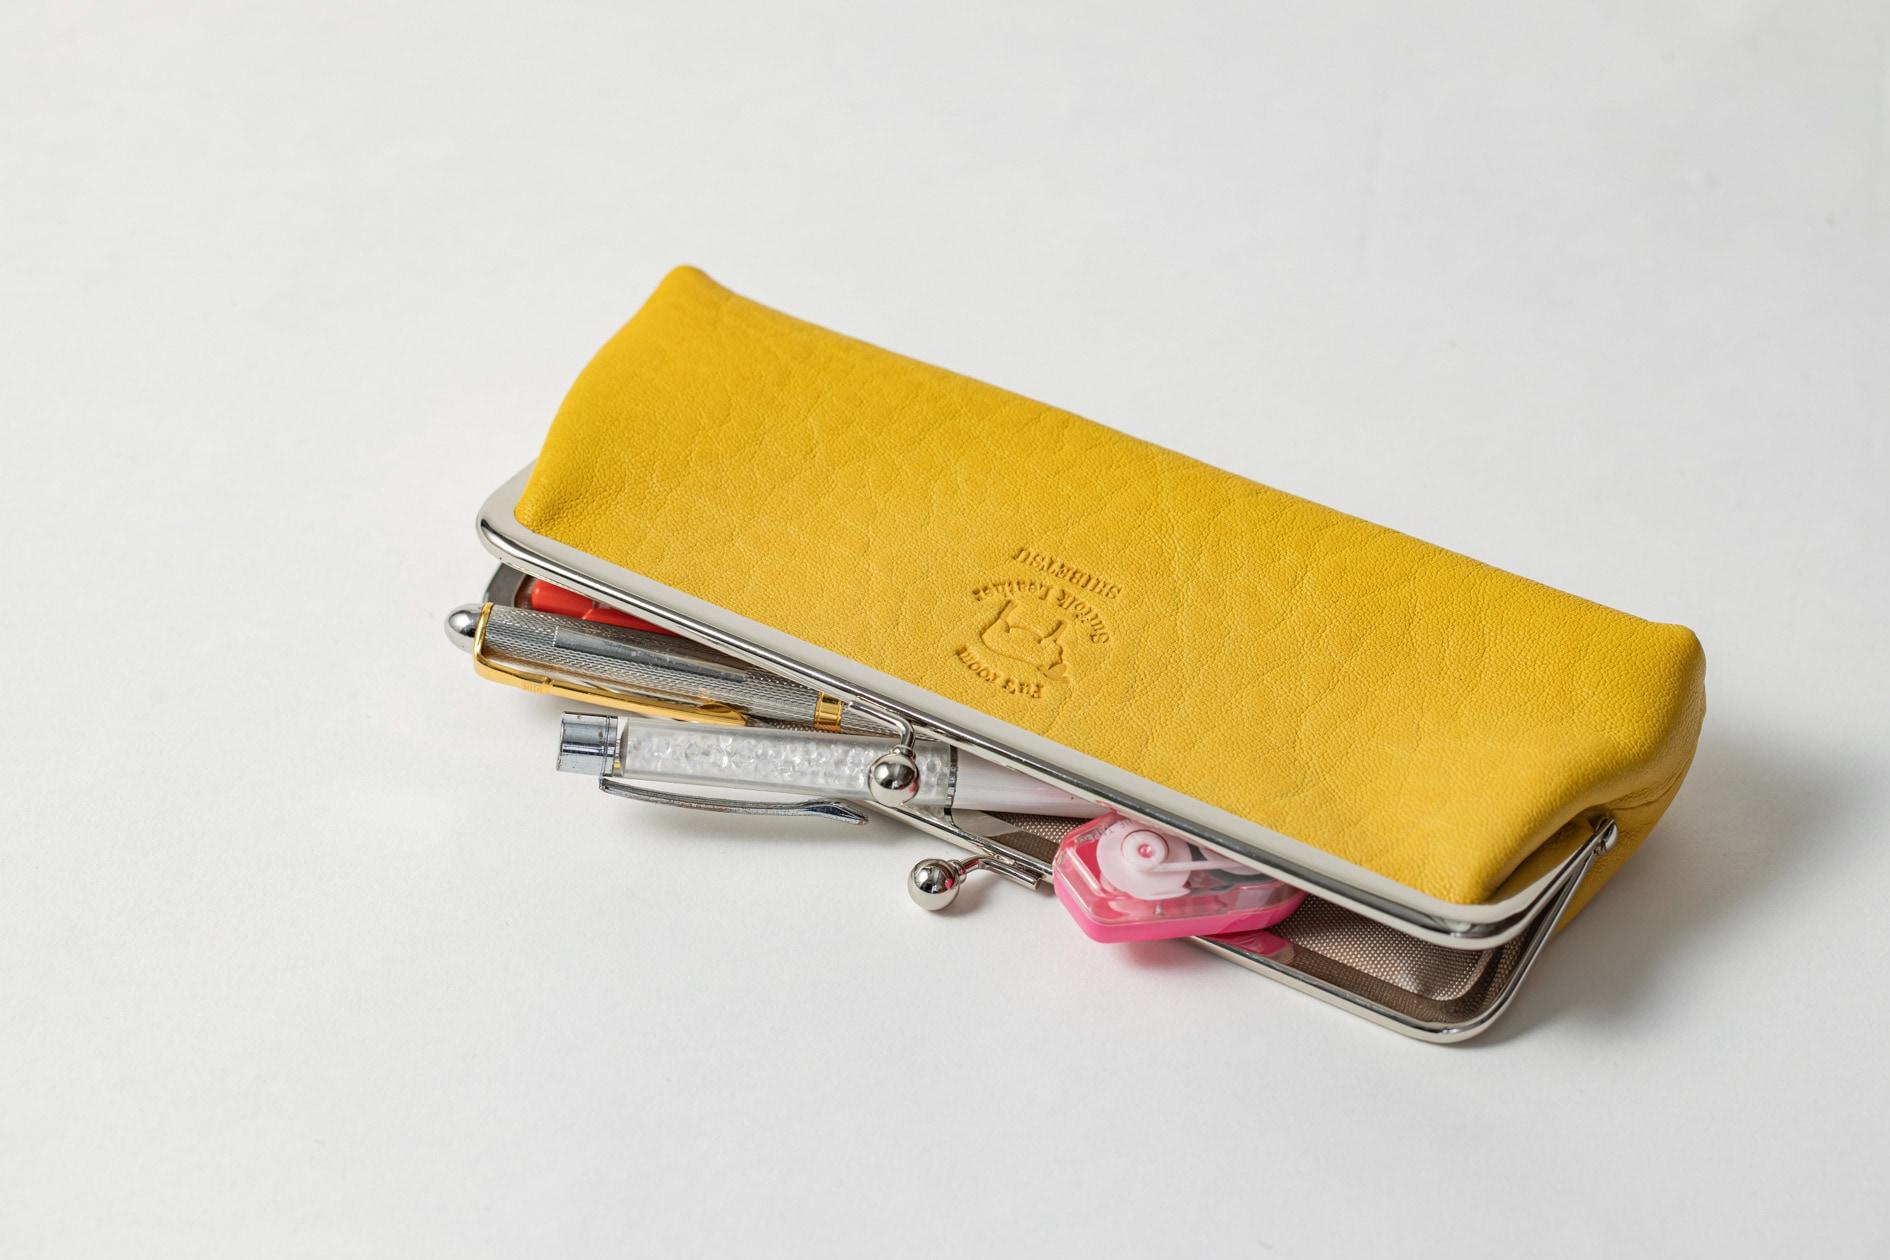 Fu's roomのレモン色のサフォークレザー「がま口(ロングサイズサイズ)」にペンや修正液などの文房具を入れる,ポーチやペンケースとしても使えるがま口